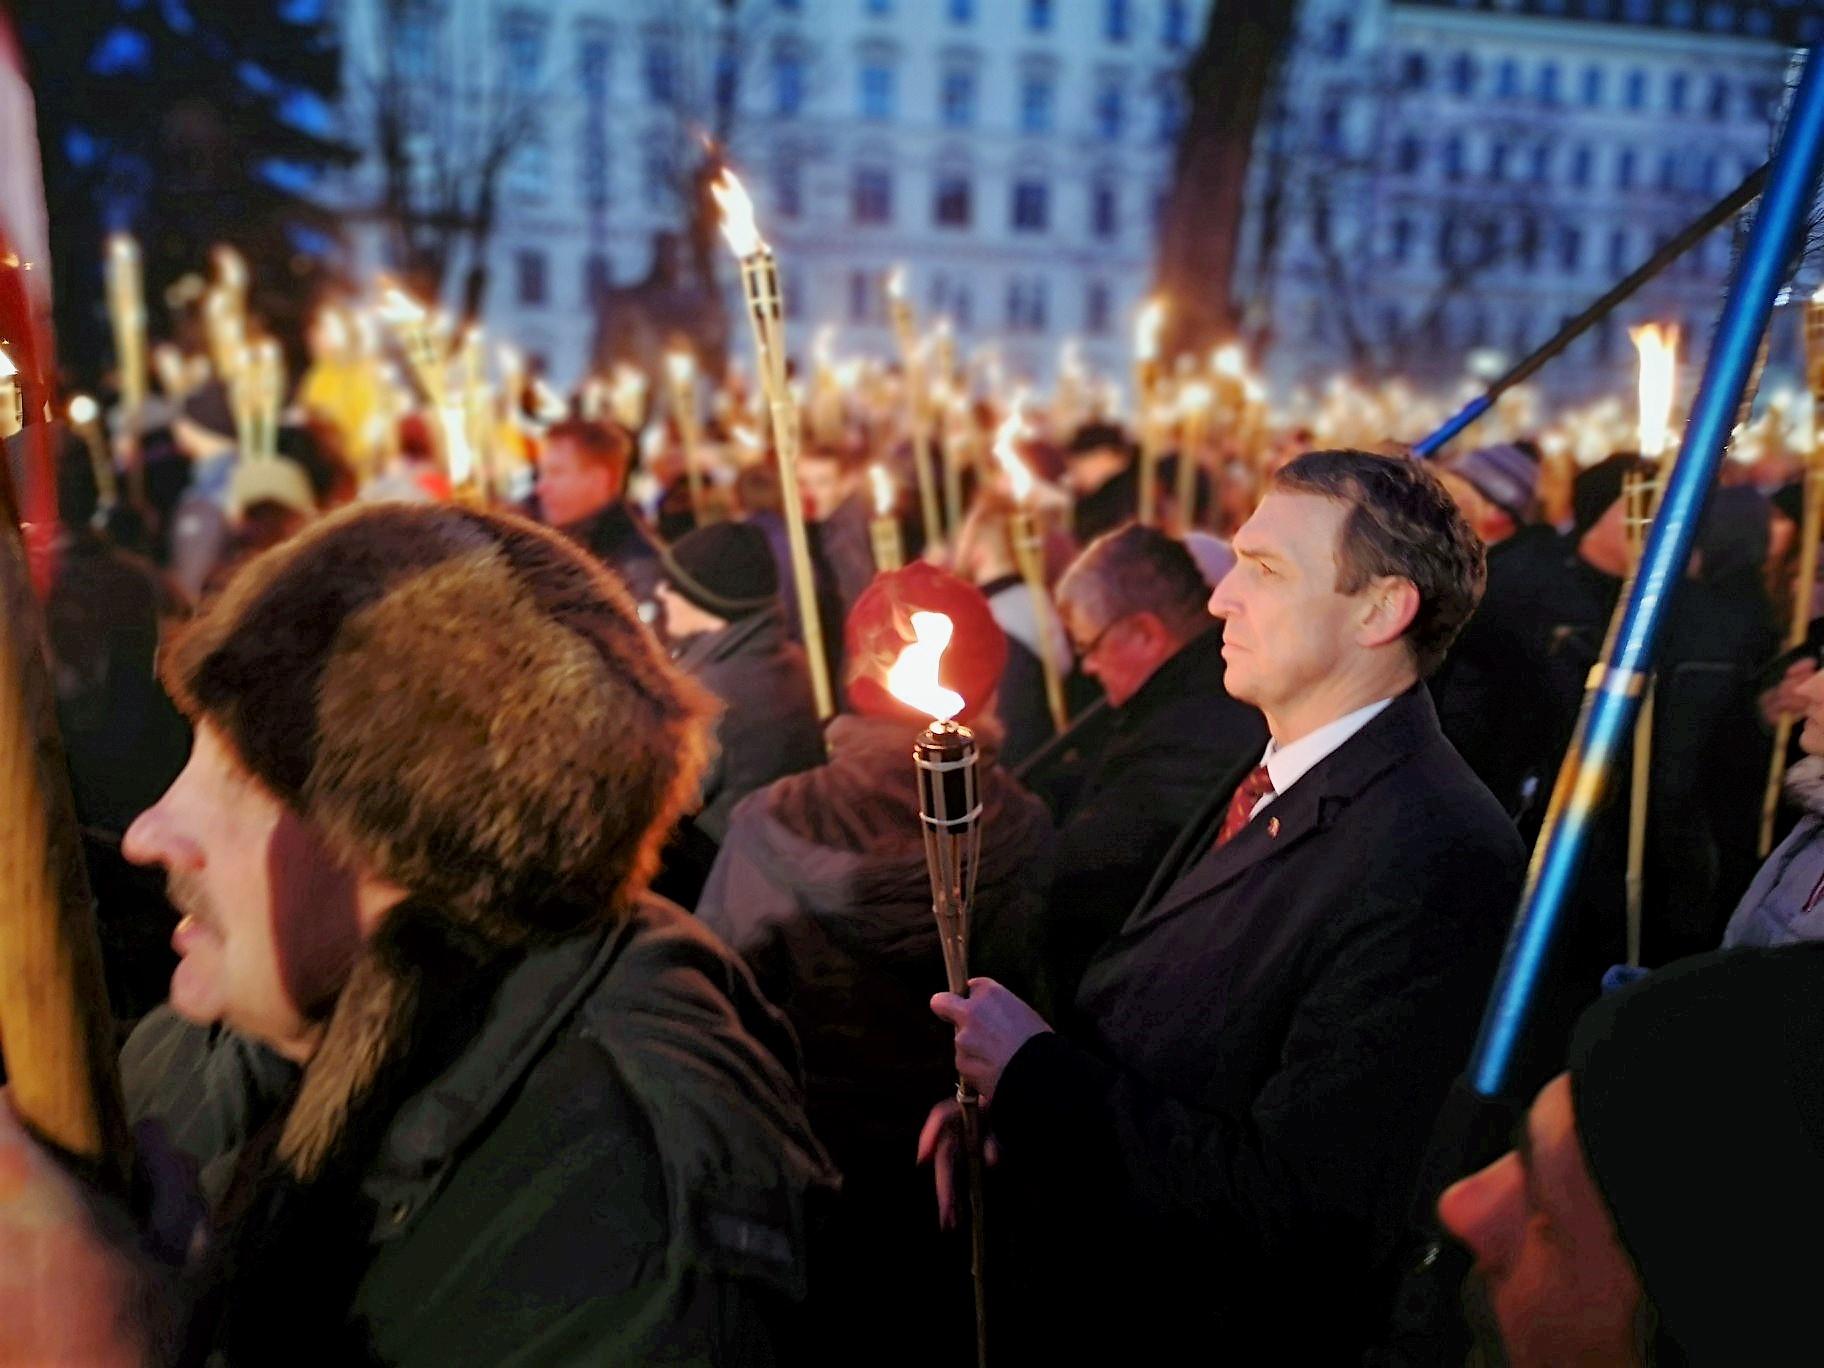 Kandidatas į Lietuvos Respublikos Prezidentus Arvydas Juozaitis žygiuoja eitynės su deglais | A. Stalilionio nuotr.